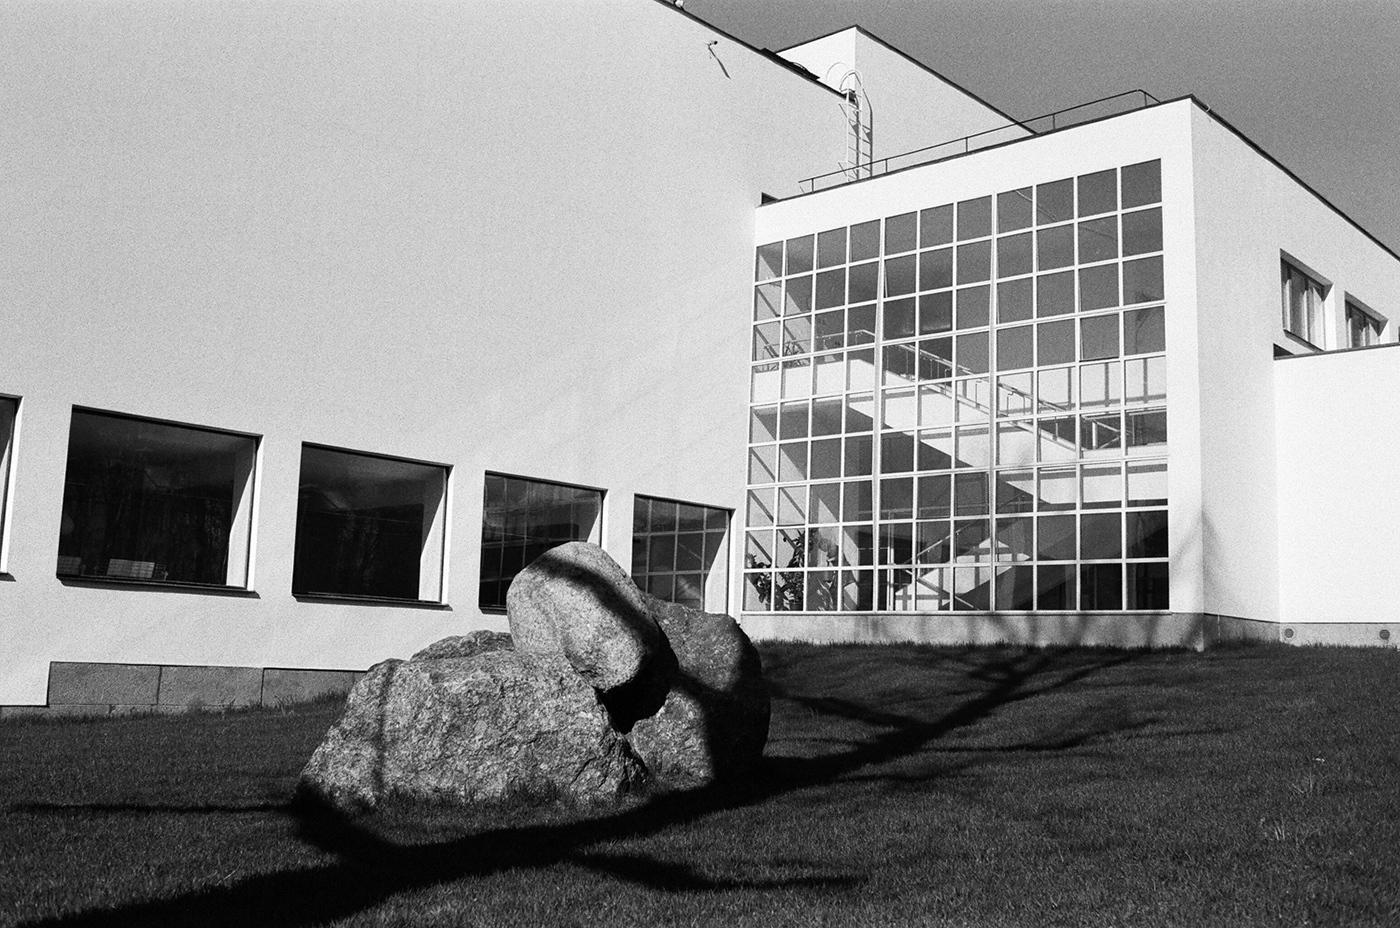 Библиотека Алвара Аалто в Выборге. Фотография Мити Ганопольского